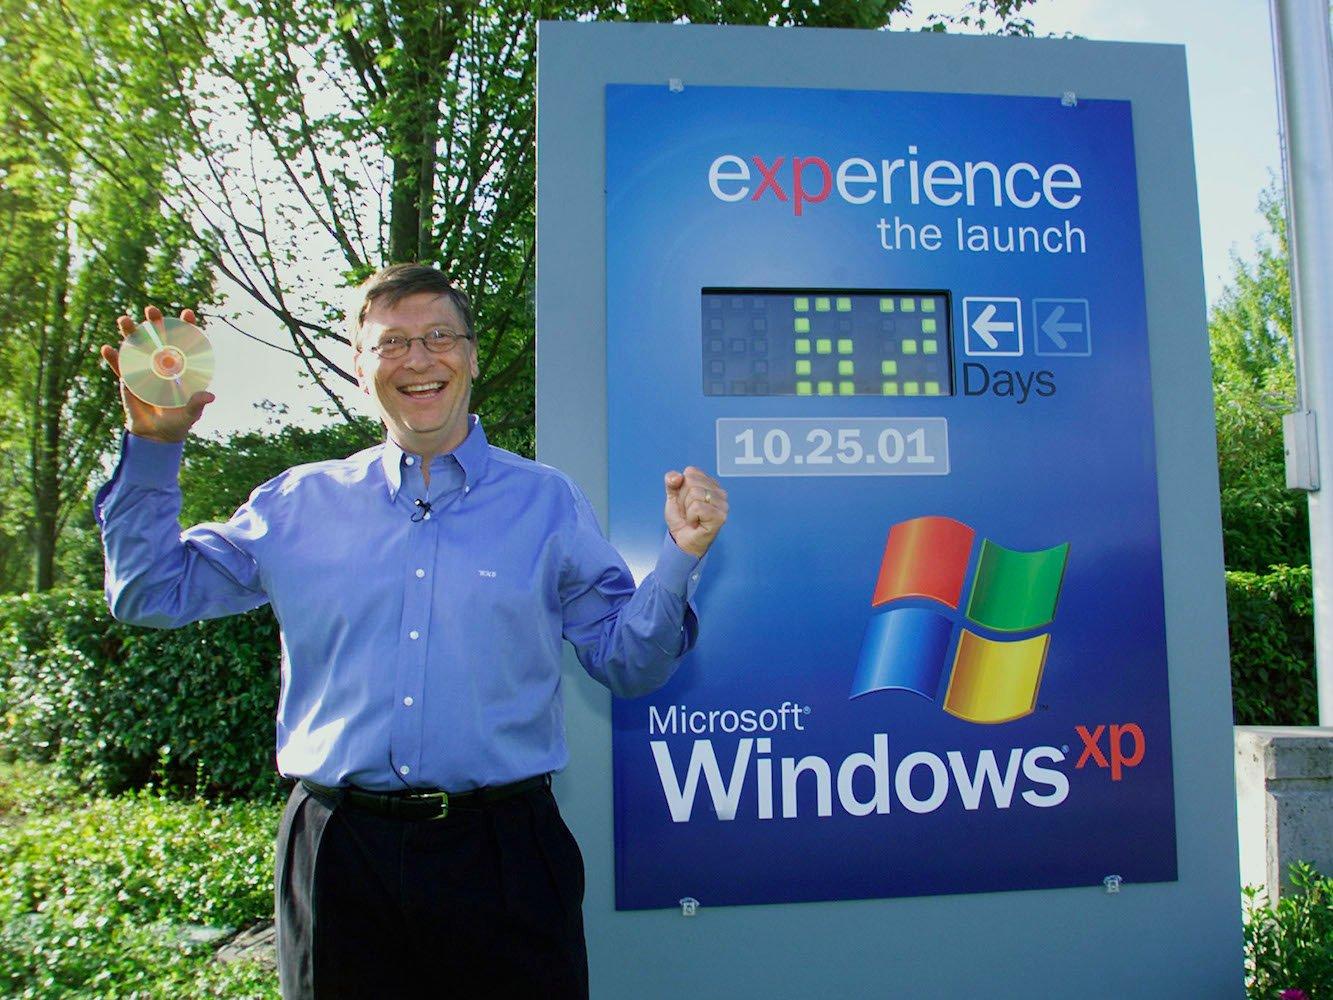 เก่าแต่เก๋า! Windows XP ยังครองอันดับ 3 ระบบปฏิบัติการที่ครองใจผู้ใช้งานทั่วโลก